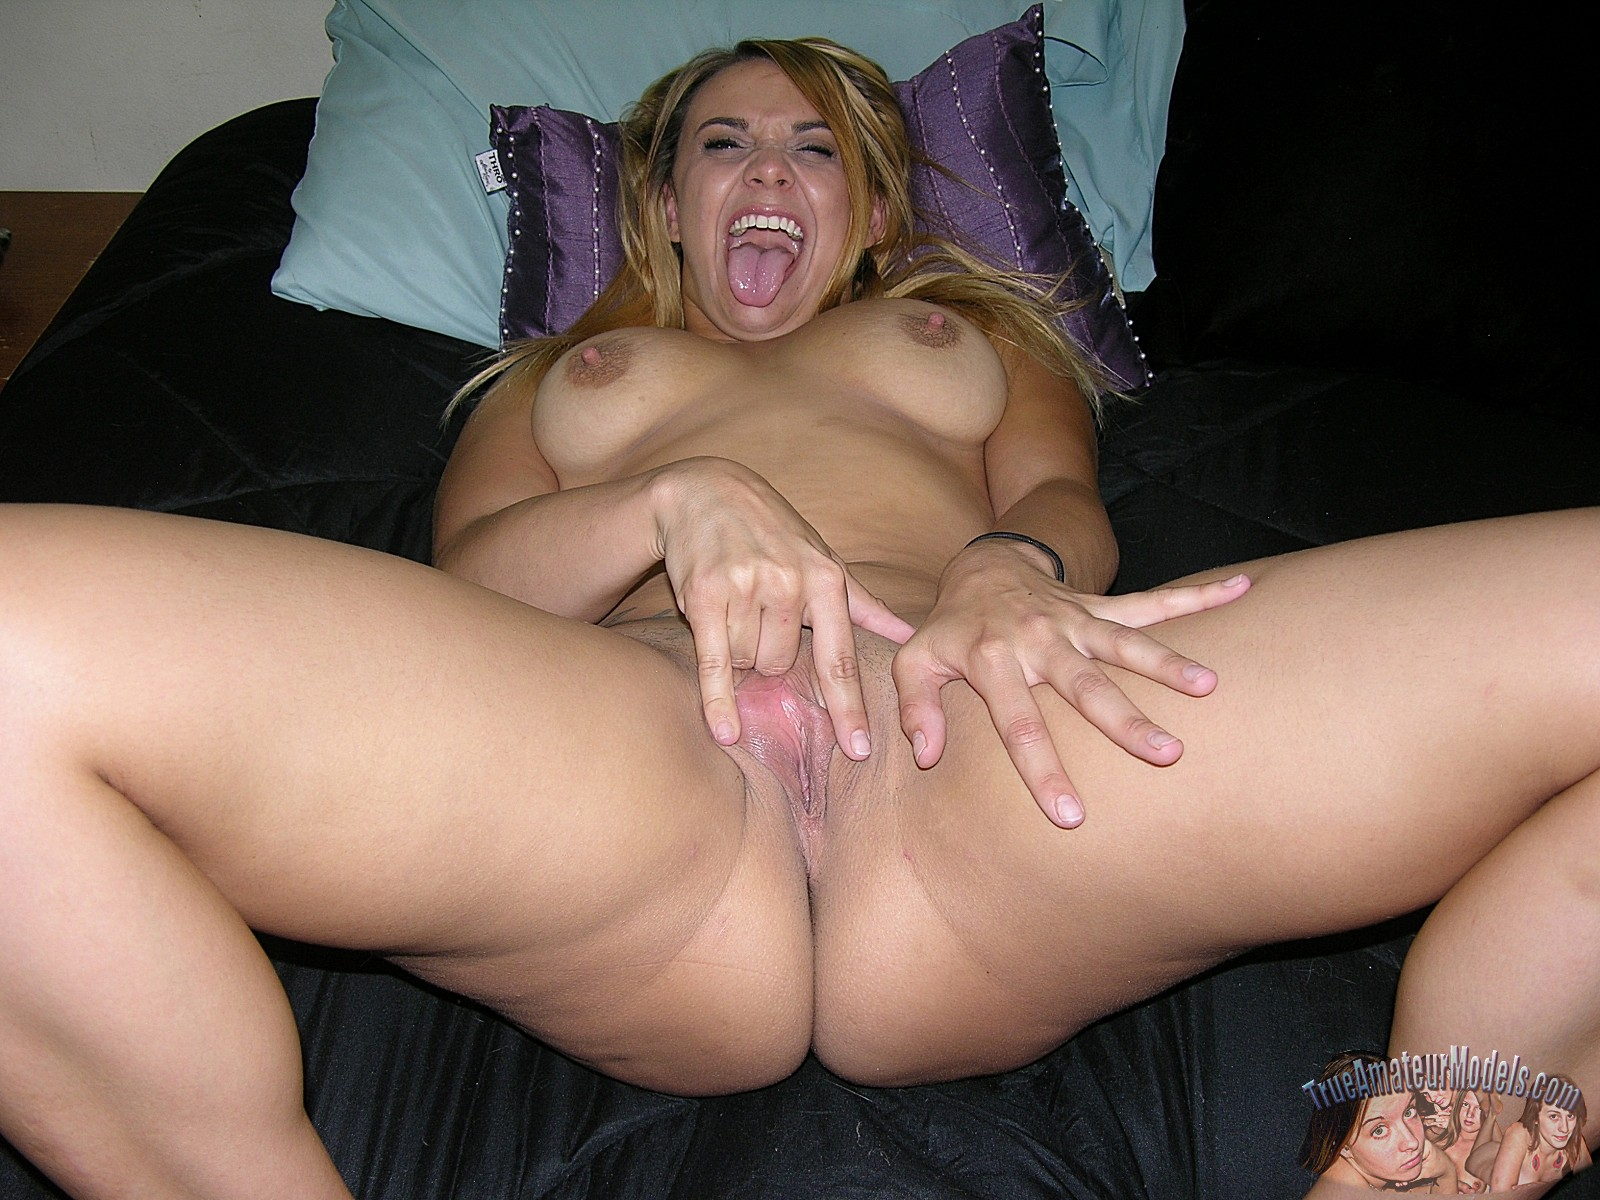 Cute nude amateurs